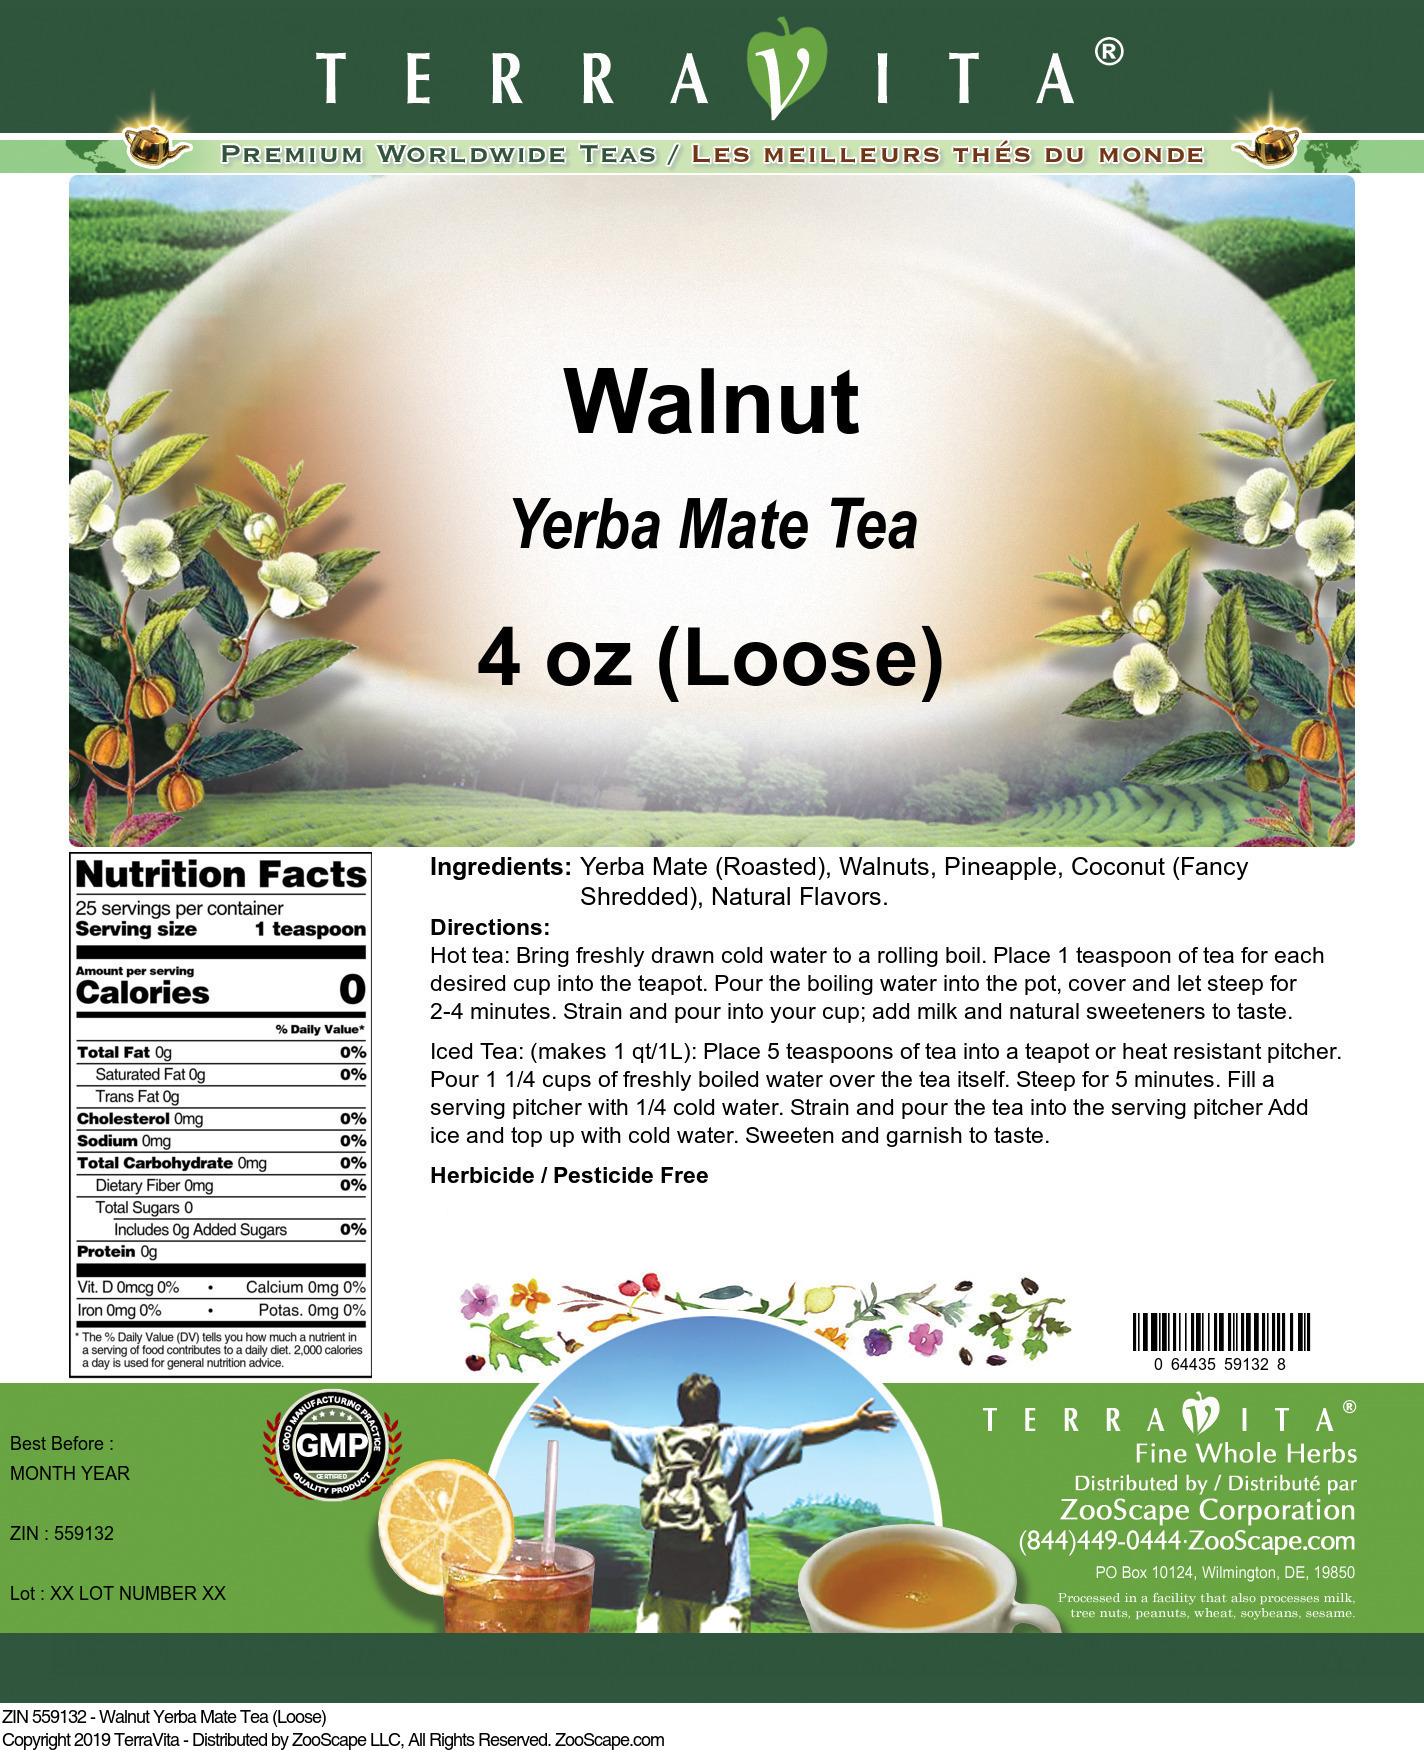 Walnut Yerba Mate Tea (Loose)